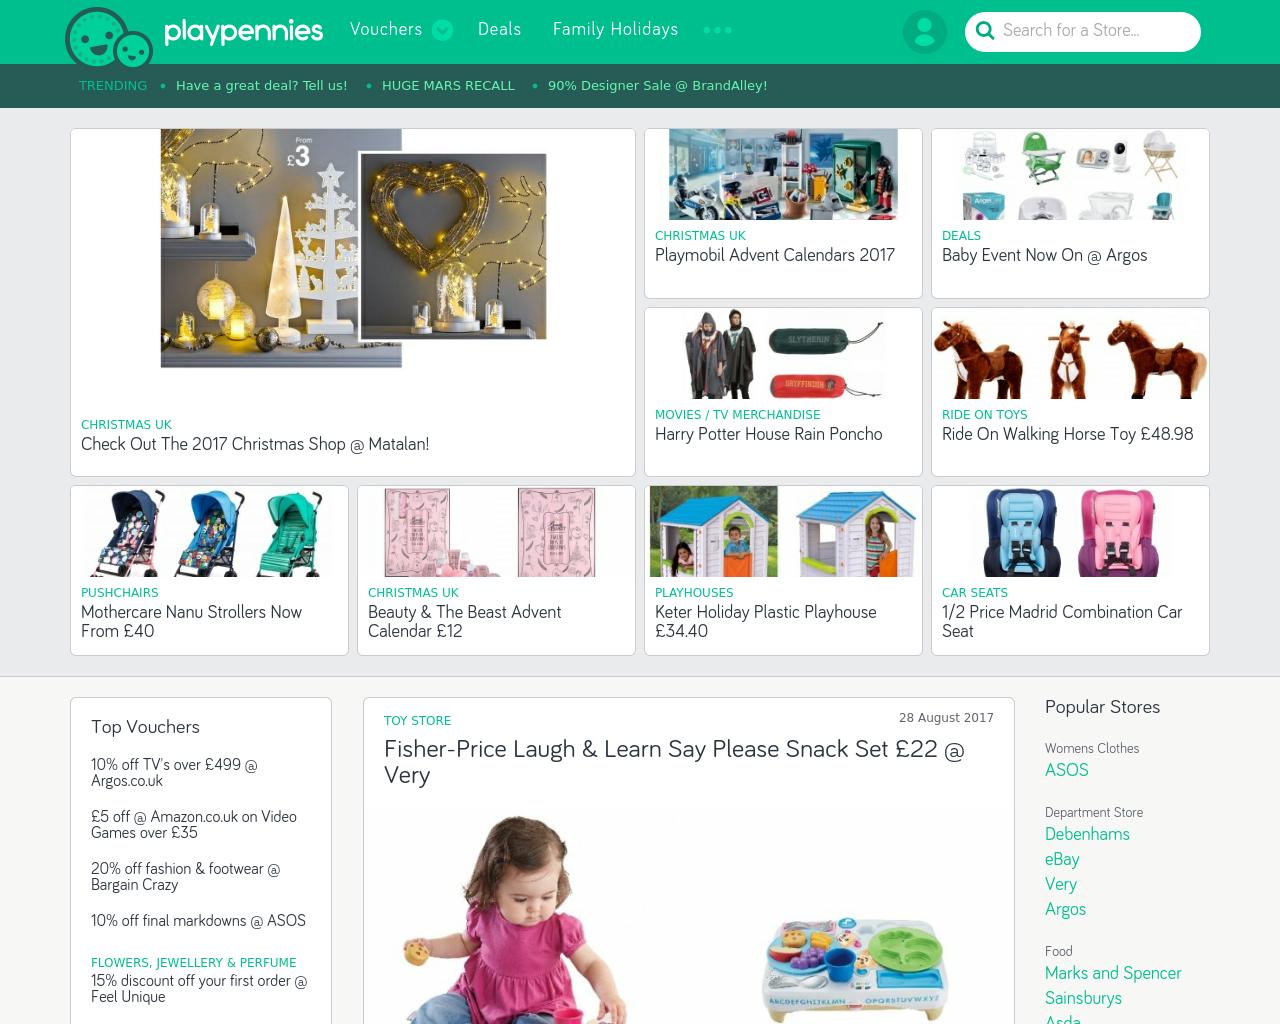 PlayPennies-Advertising-Reviews-Pricing